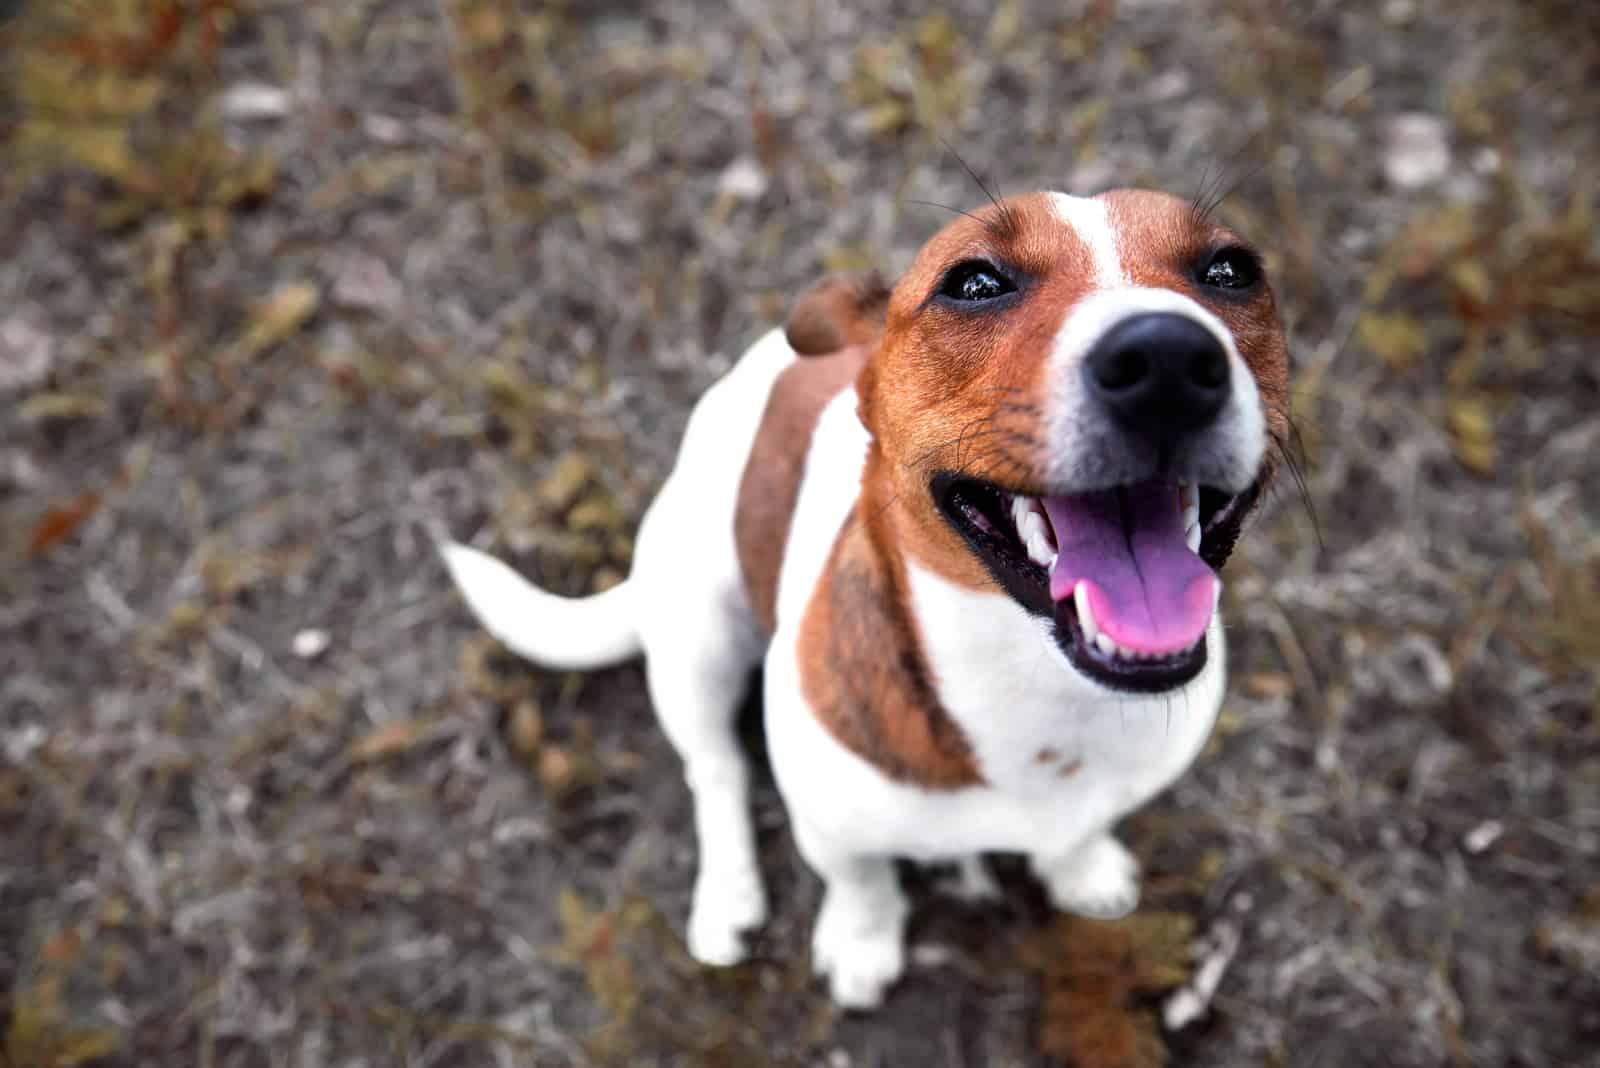 zufriedener Hund Jack Russell Terrier sitzt auf dem Boden